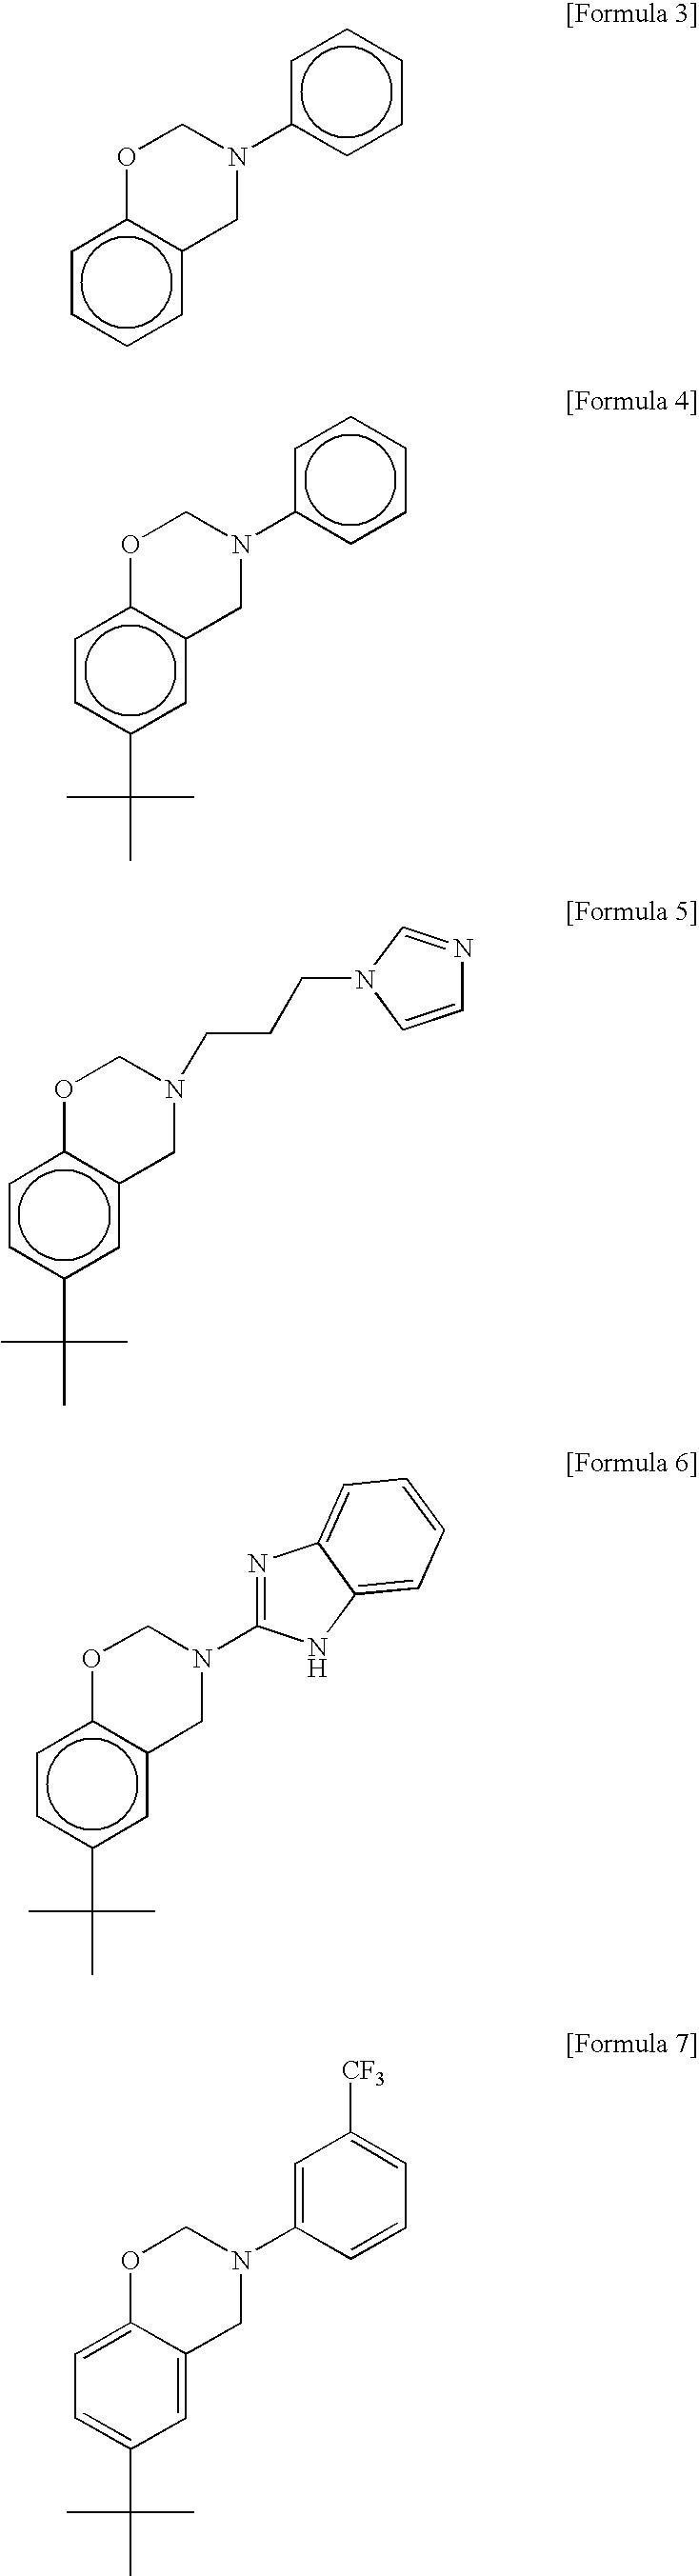 Figure US20070184323A1-20070809-C00019